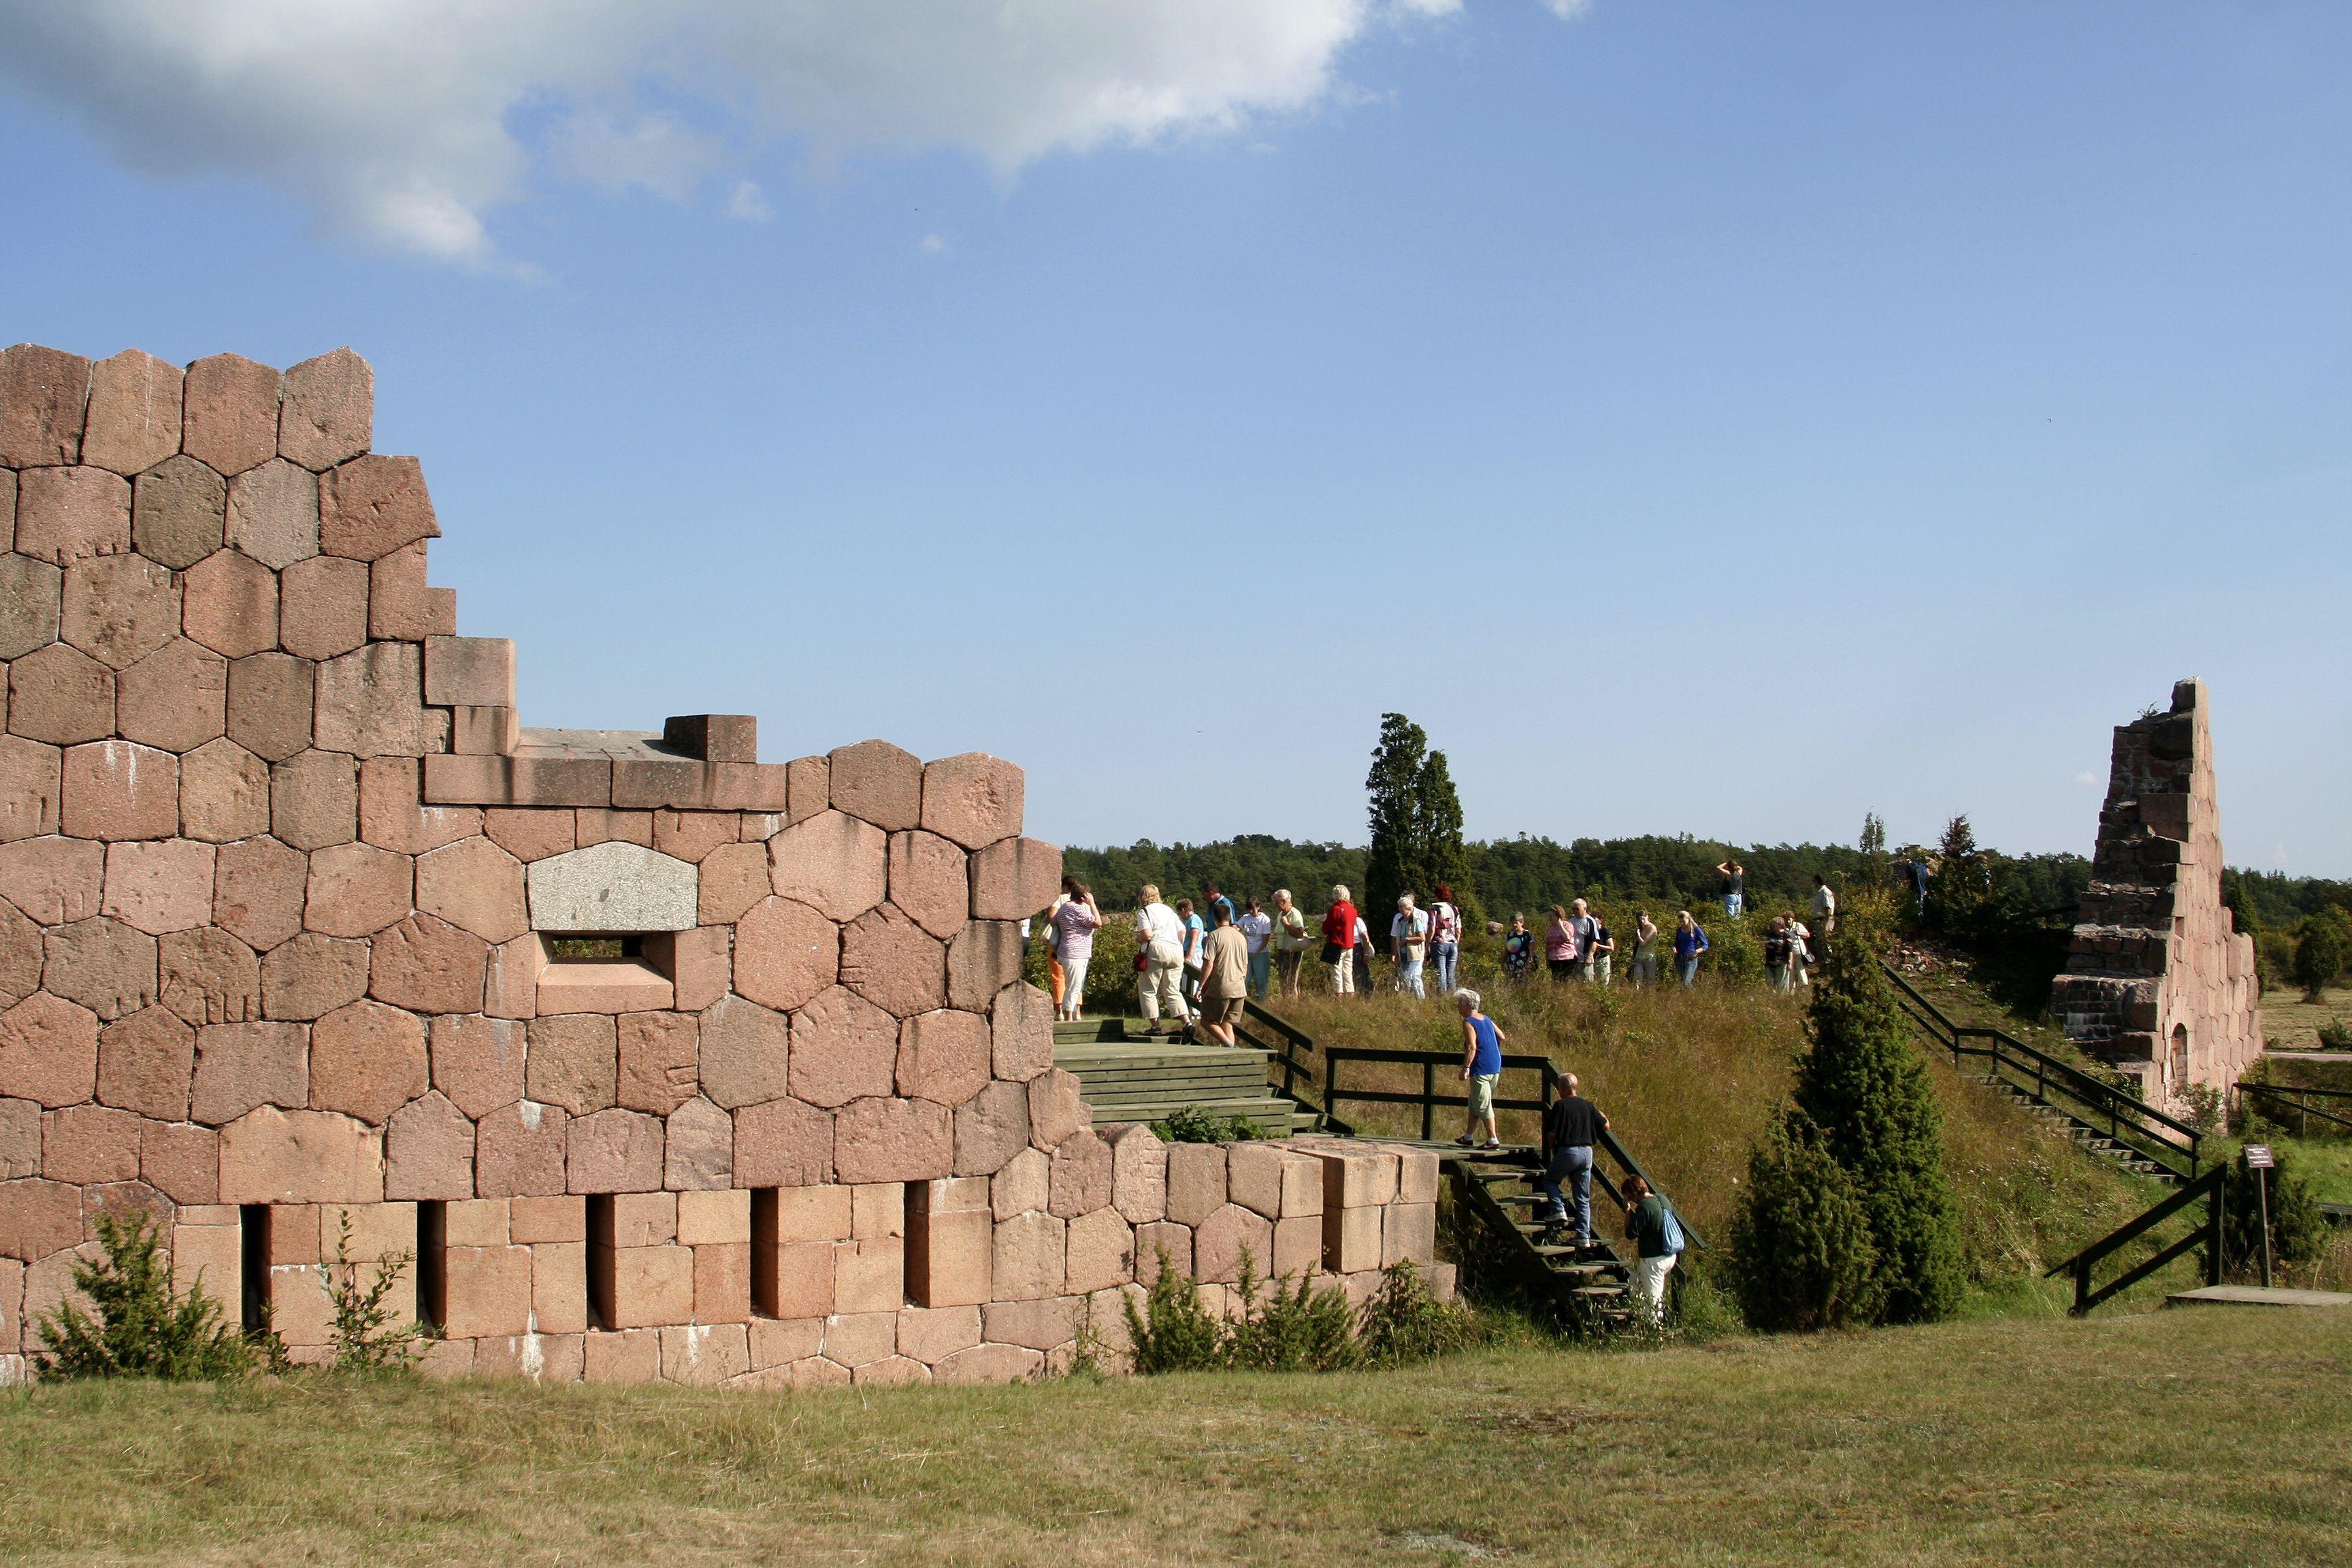 Bomarsunds fästningsruiner